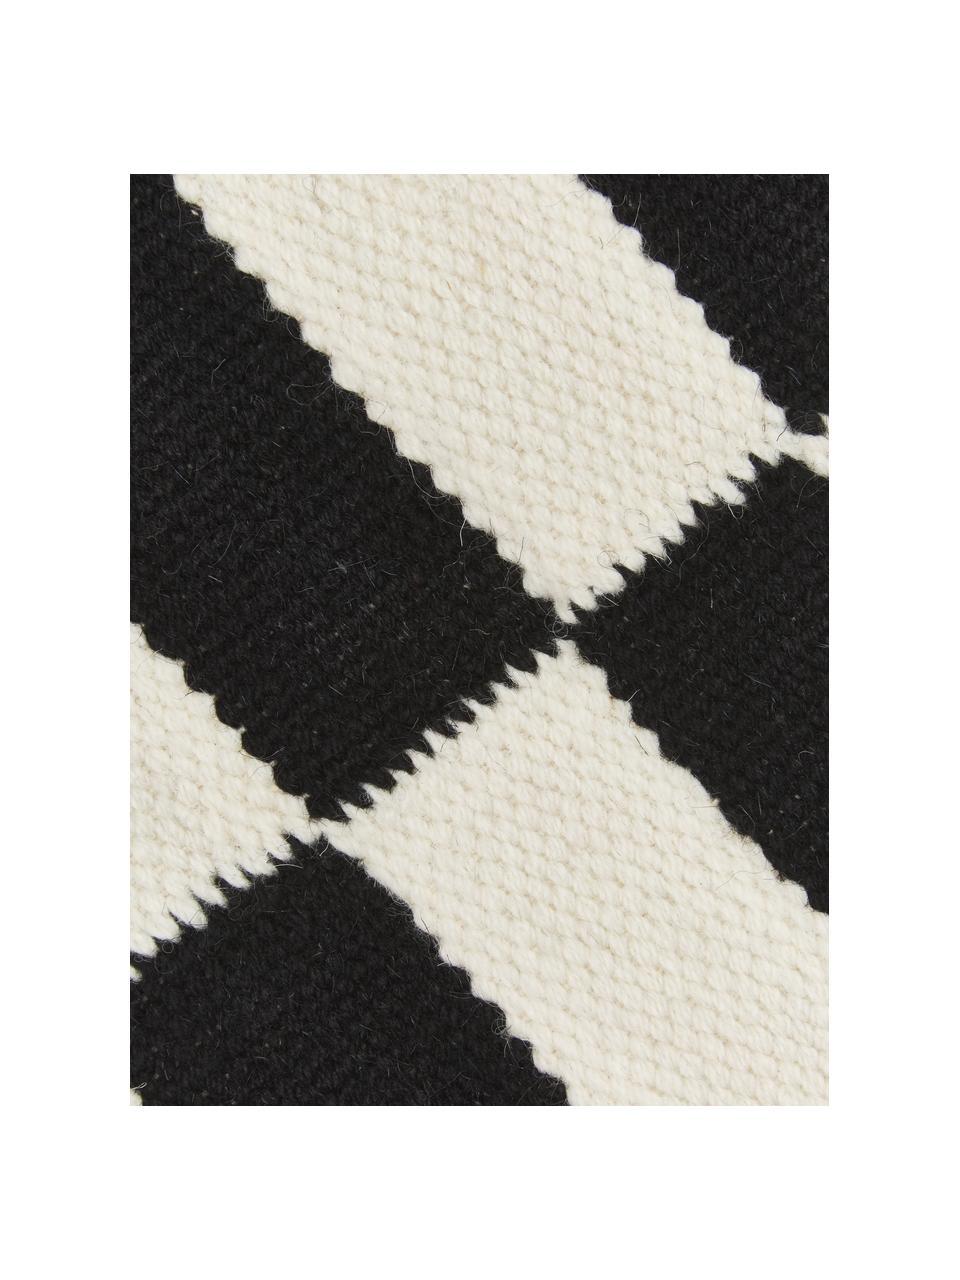 Handgeweven Kelim vloerkleed Donna met strepen, Bovenzijde: 80% wol, 20% nylon, Onderzijde: 100% katoen Bij wollen vl, Zwart, B 200 x L 300 cm (maat L)